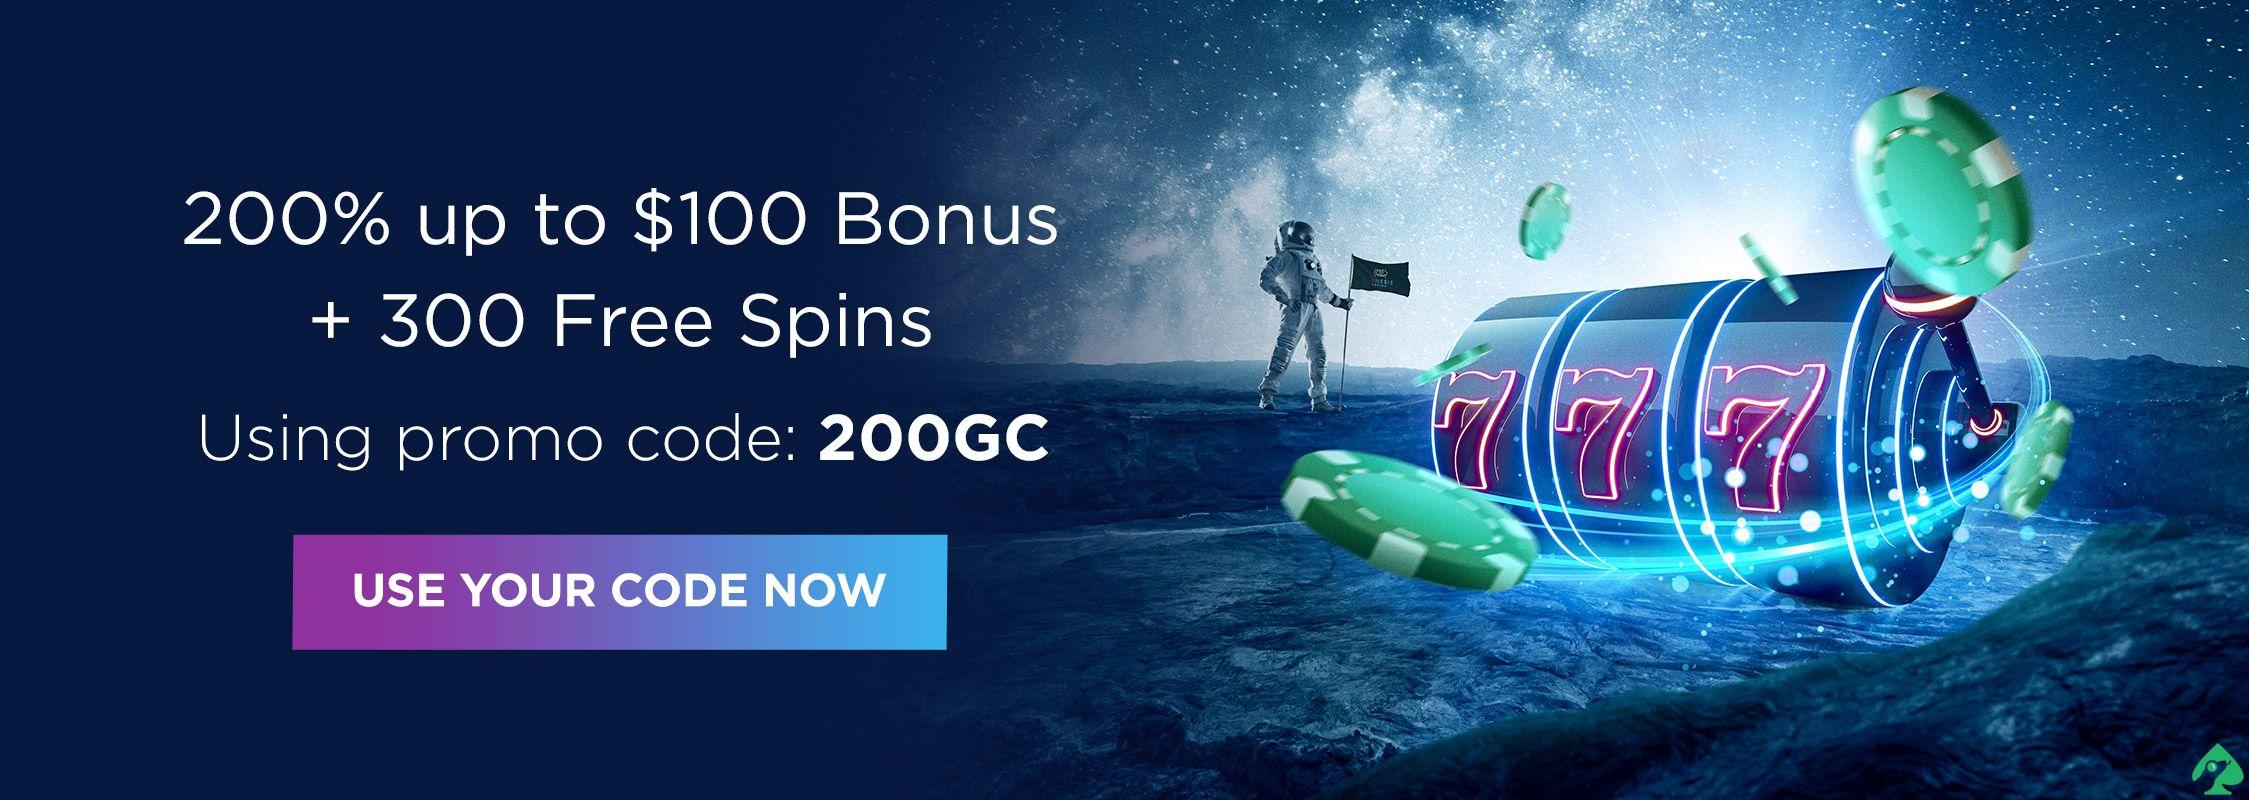 Genesis Casino promo codes